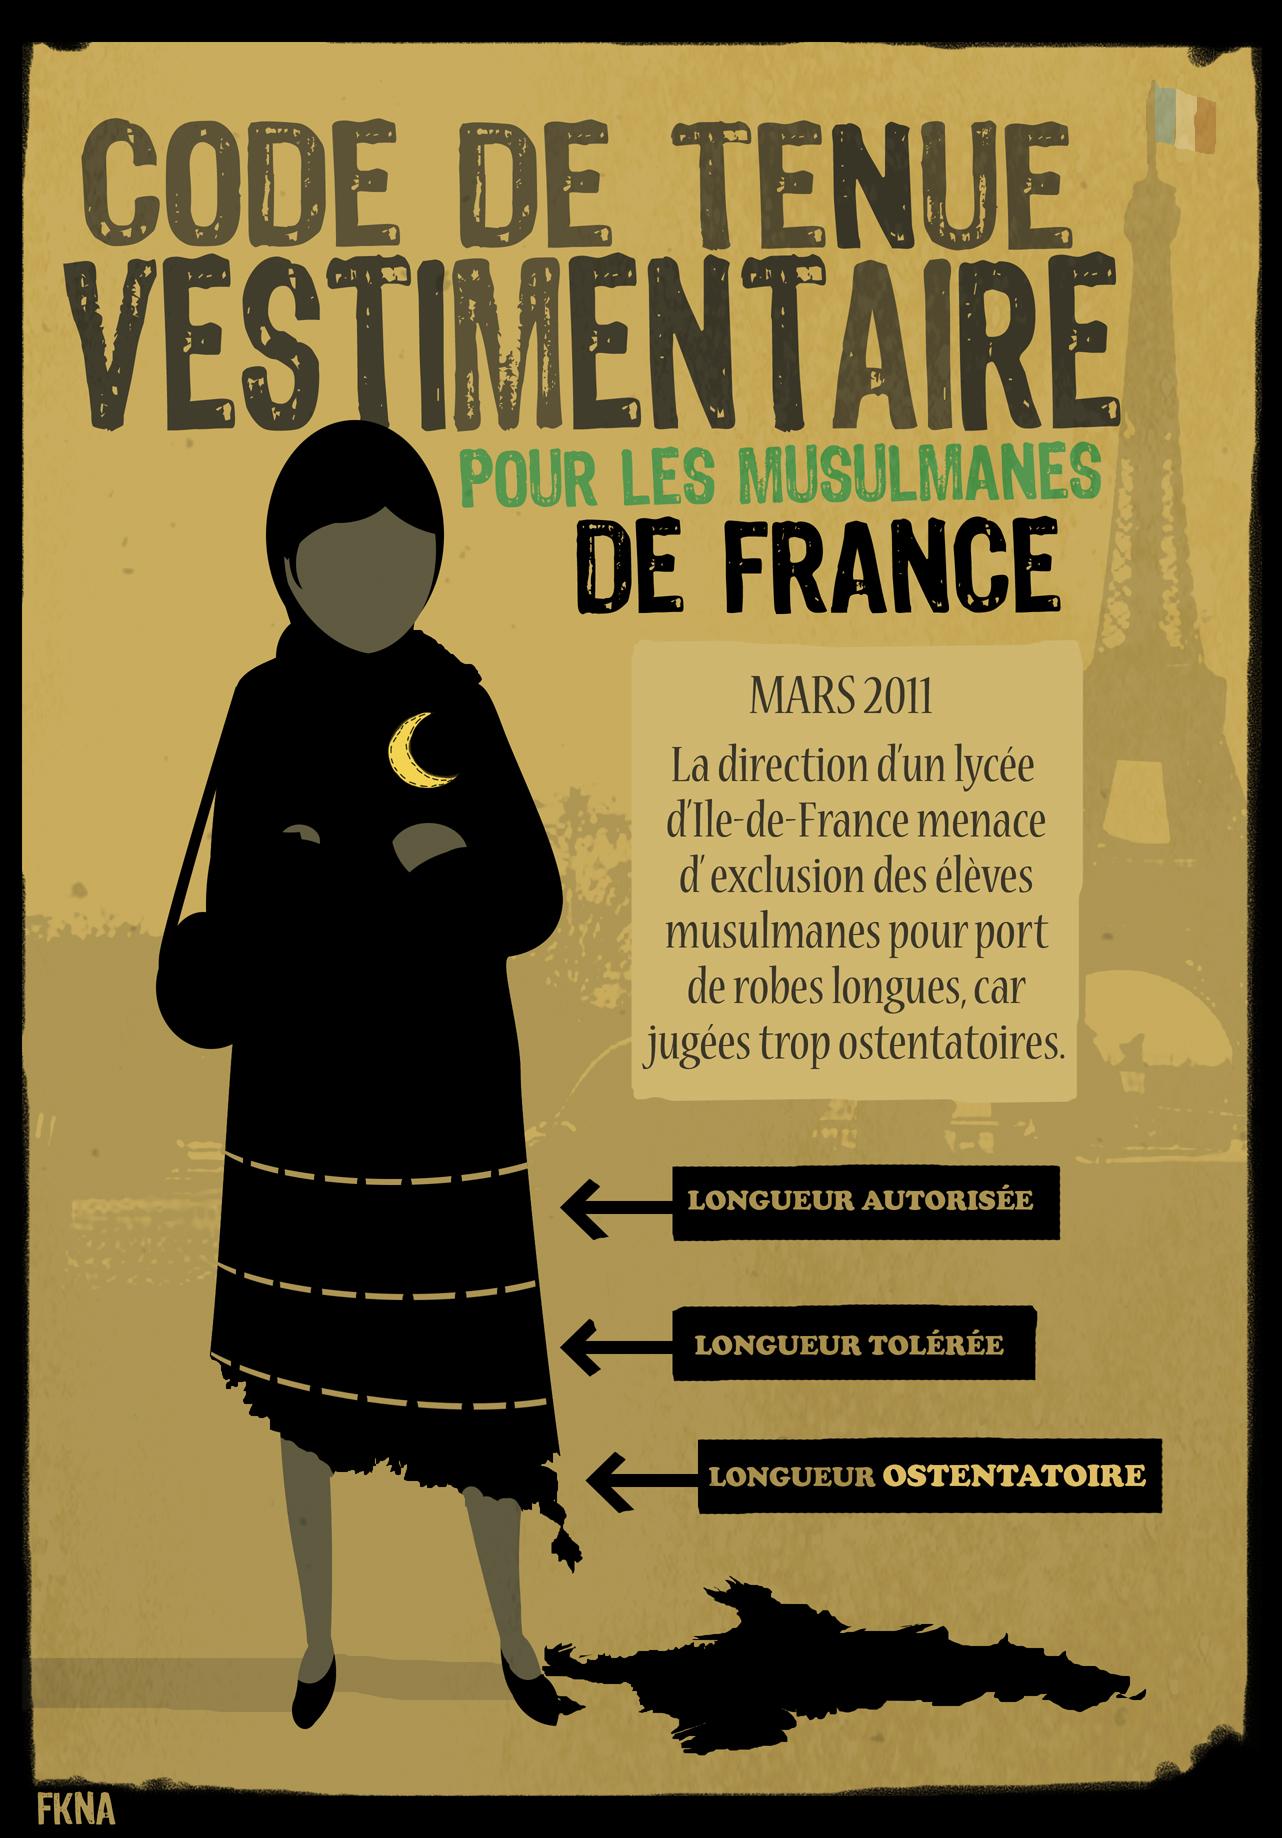 Après les robes trop ostentatoires, les robes trop islamiques